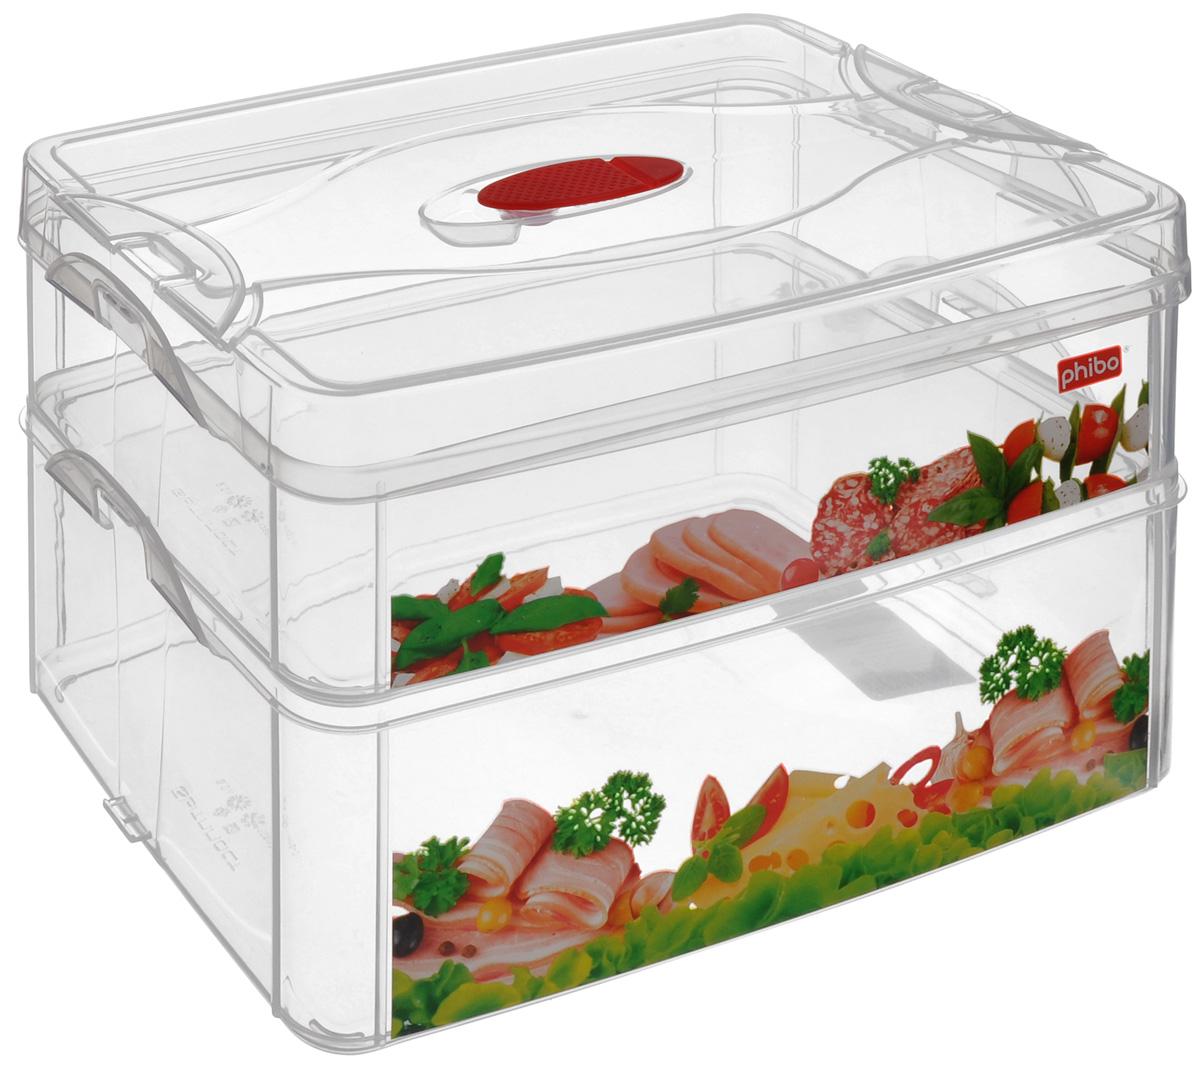 Контейнер для продуктов Phibo Smart System, 2 секции, с клапаном, 25 х 16 х 16,5 см С12865С12865_колбаса, сырКонтейнер Phibo Smart System изготовлен из высококачественного пластика, не содержит Бисфенол А. Предназначен для хранения продуктов. Изделие декорировано ярким рисунком в виде колбасной и сырной нарезки. Контейнер легко открывается, оснащен двумя съемными отделениями и клапаном на крышке. Не требует особого ухода.Контейнер Phibo Smart System - отличное решение для хранения продуктов.Размер маленького отделения (без крышки): 24 см х 15,5 см х 6 см.Объем маленького отделения: 2 л. Размер большого отделения: 24 см х 15,5 см х 9 см. Объем большого отделения: 3 л.